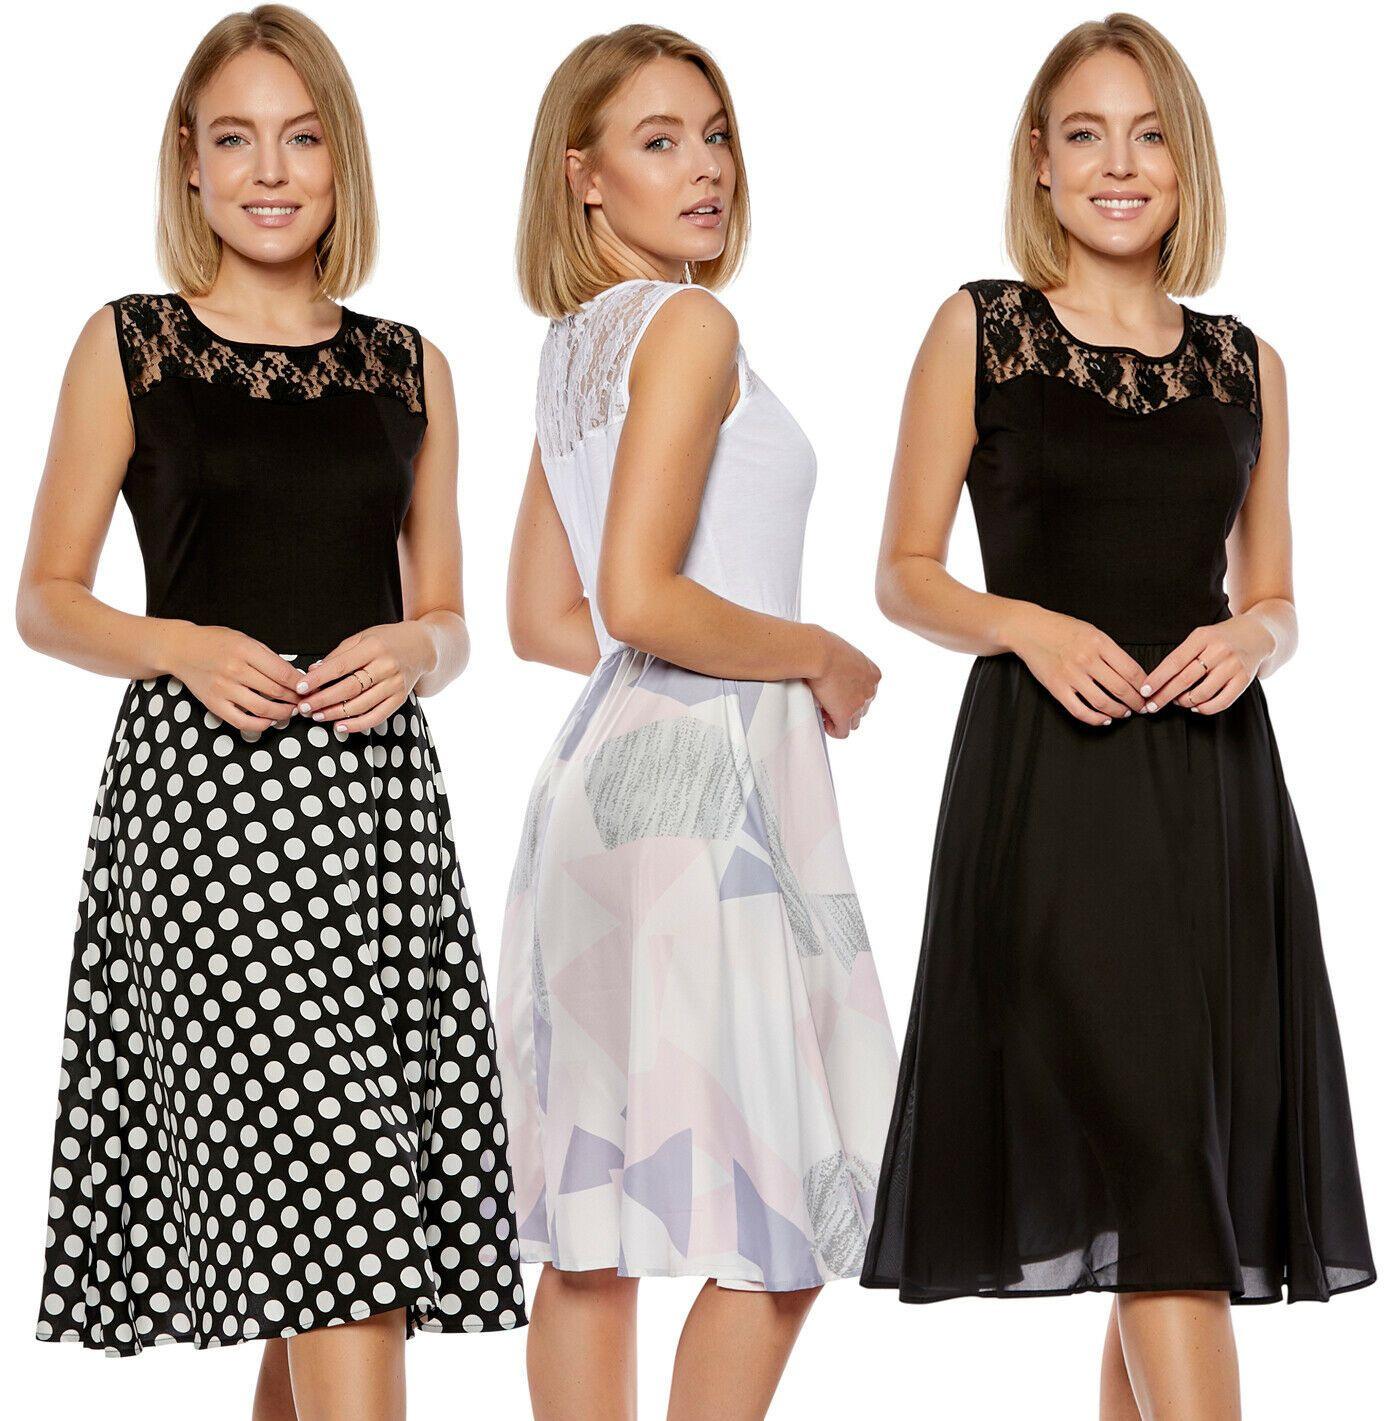 20 Luxus Schwarzes Sommerkleid SpezialgebietAbend Erstaunlich Schwarzes Sommerkleid Vertrieb